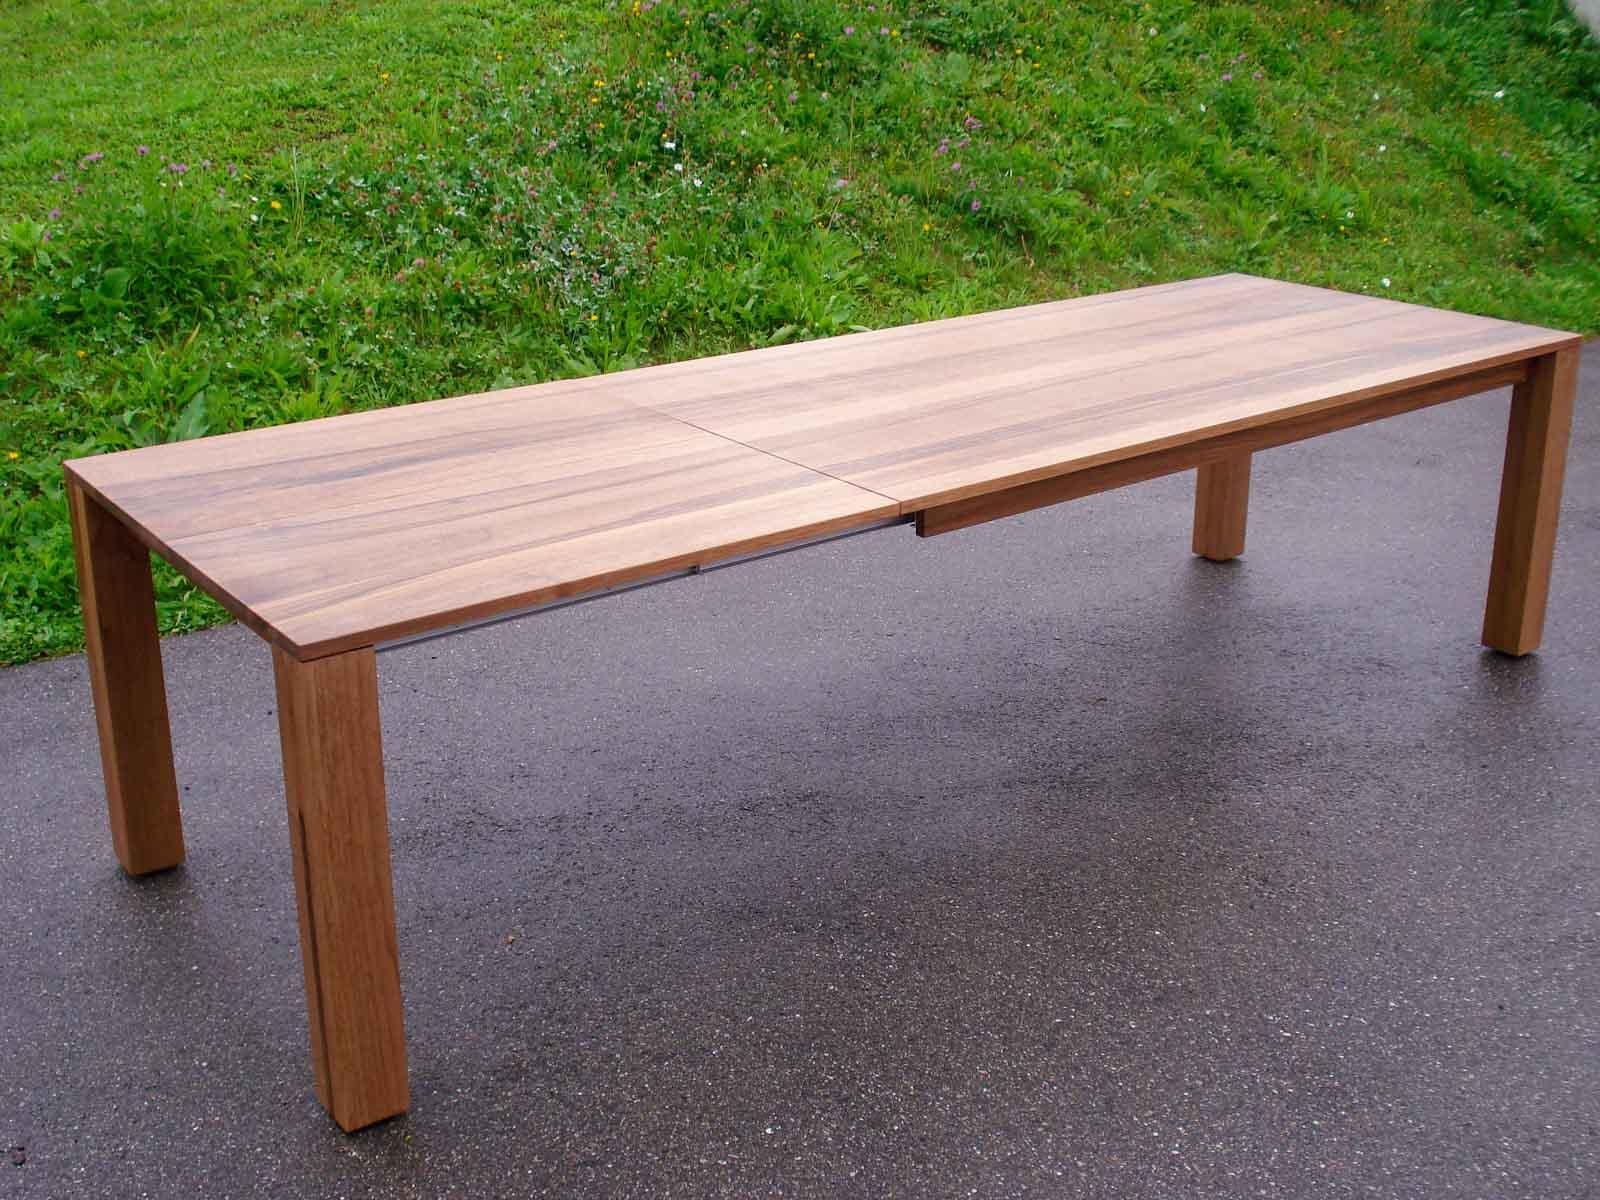 Wooddesign_Nussbaum massiv_ausziehbar_Ausziehtisch_Tischeinlage unter dem Tisch_Tischbeine mitlaufend (1)